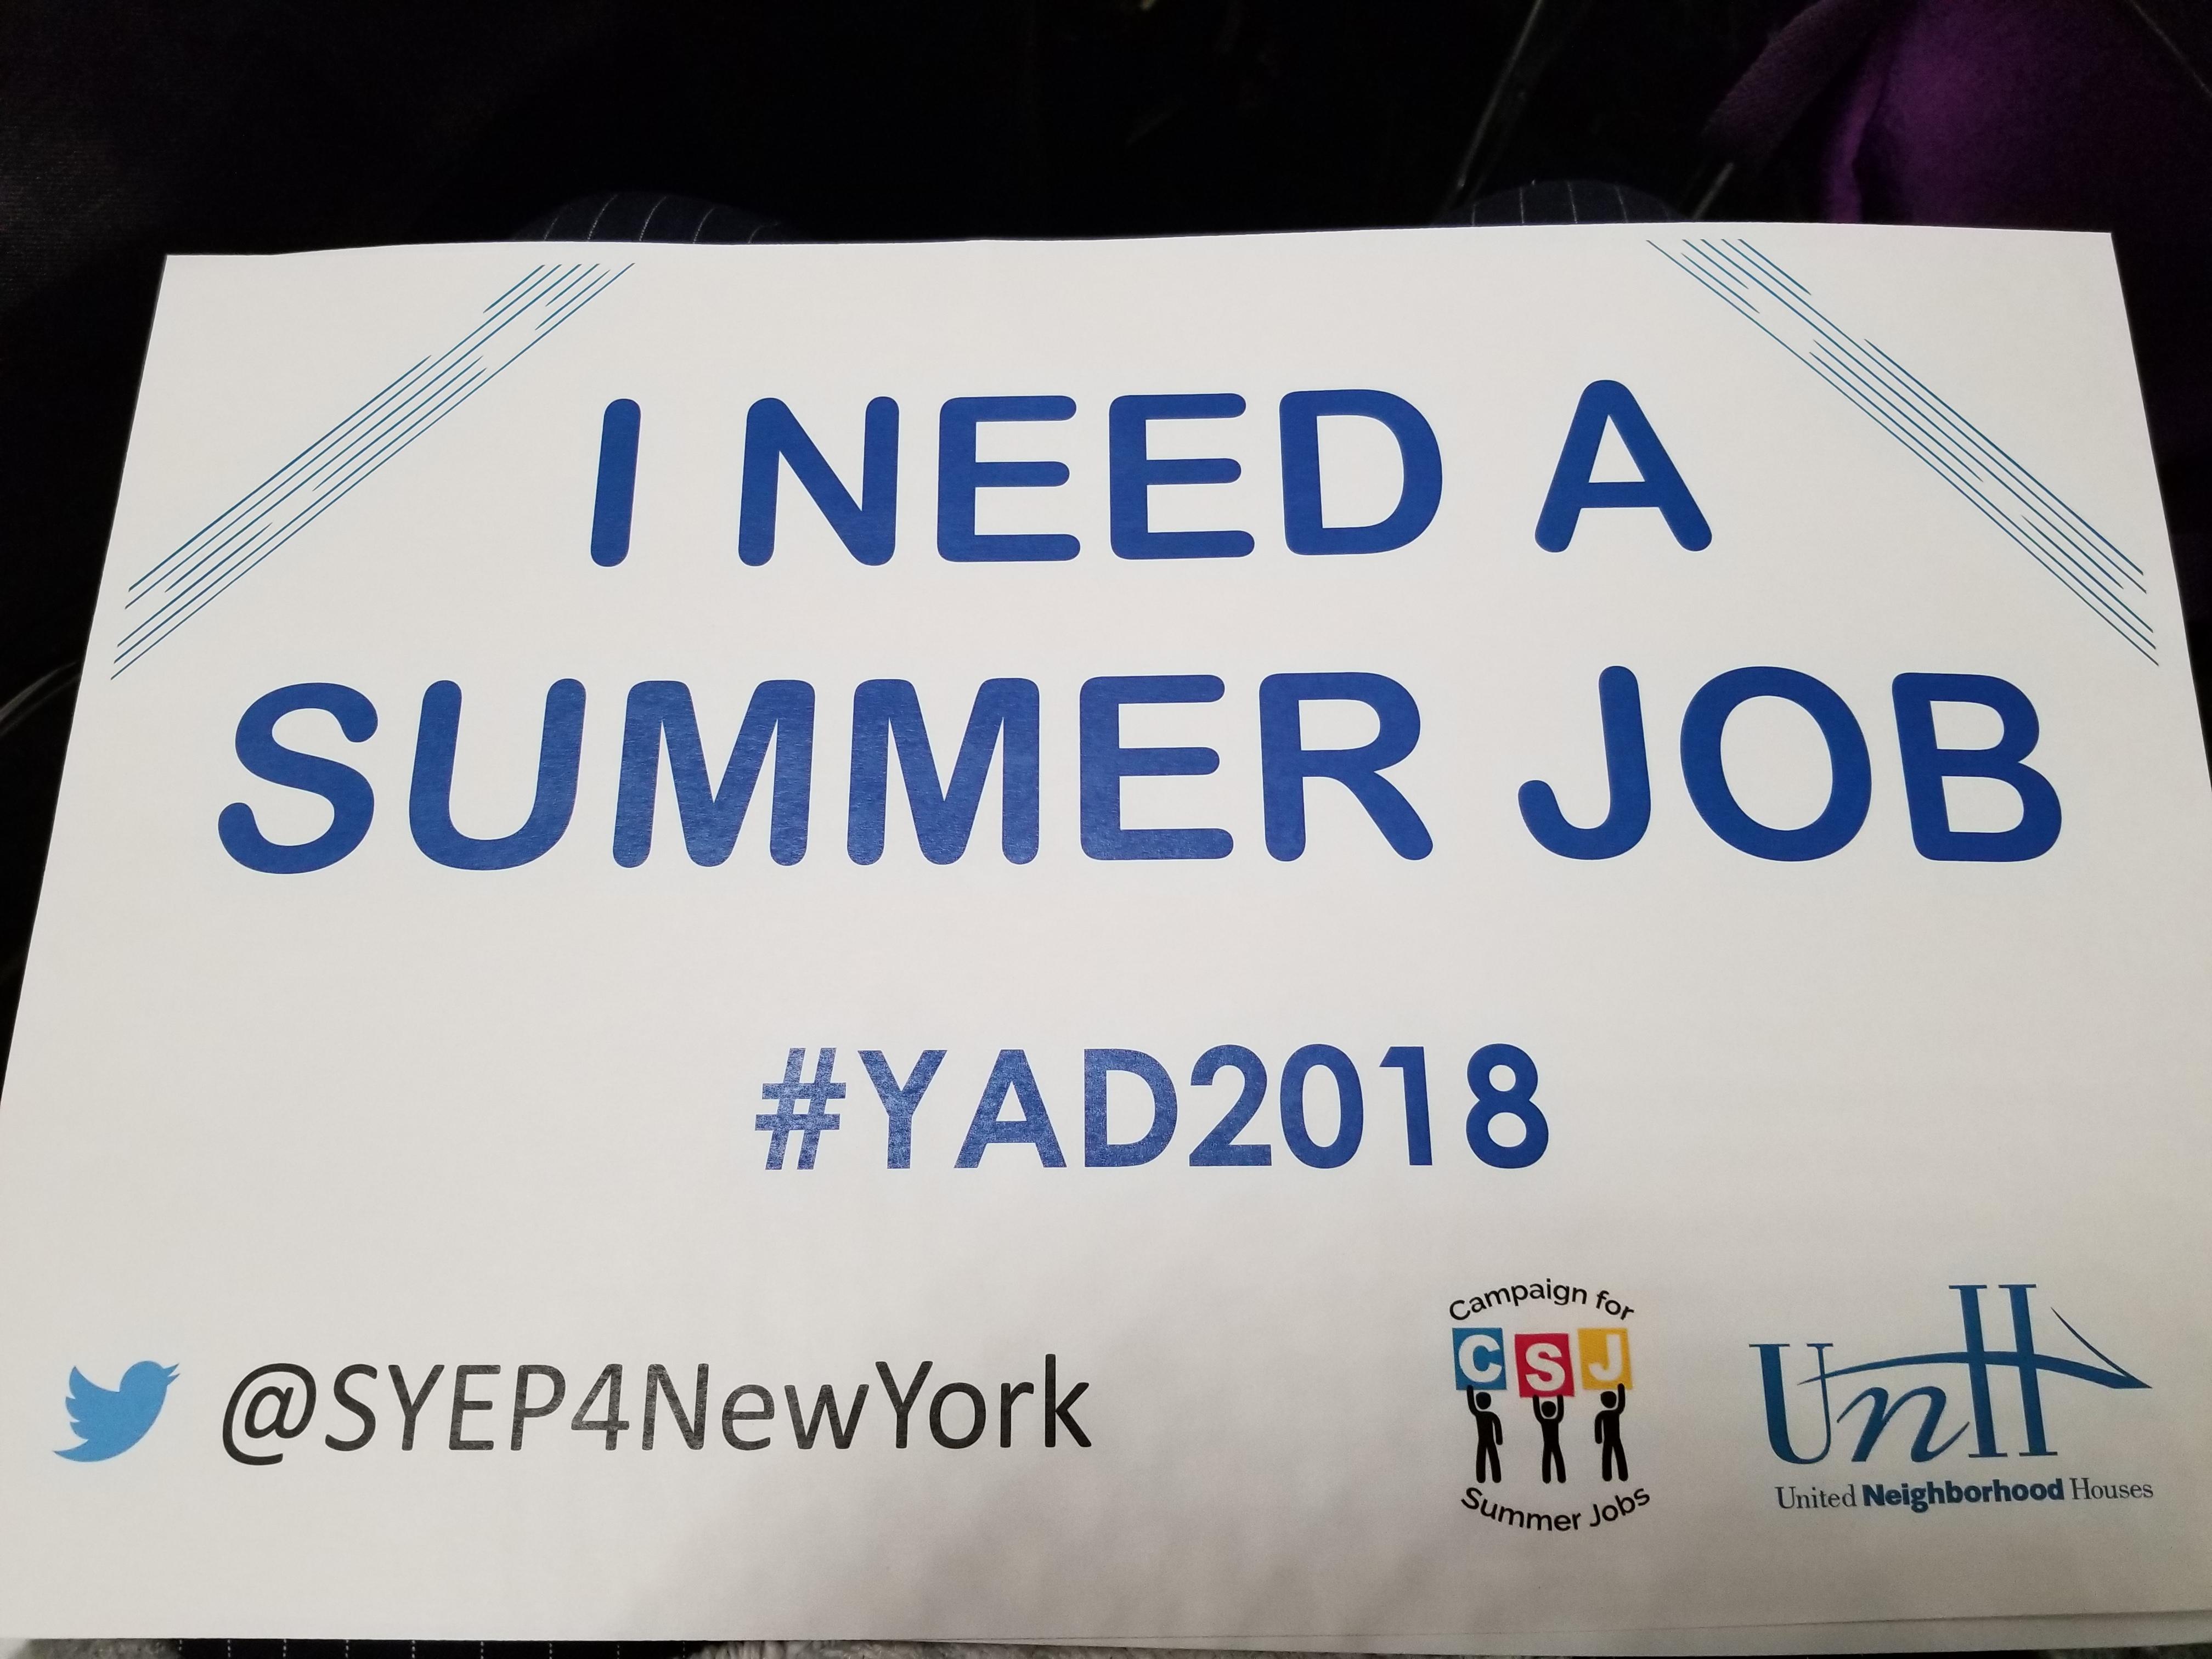 i need a summer job